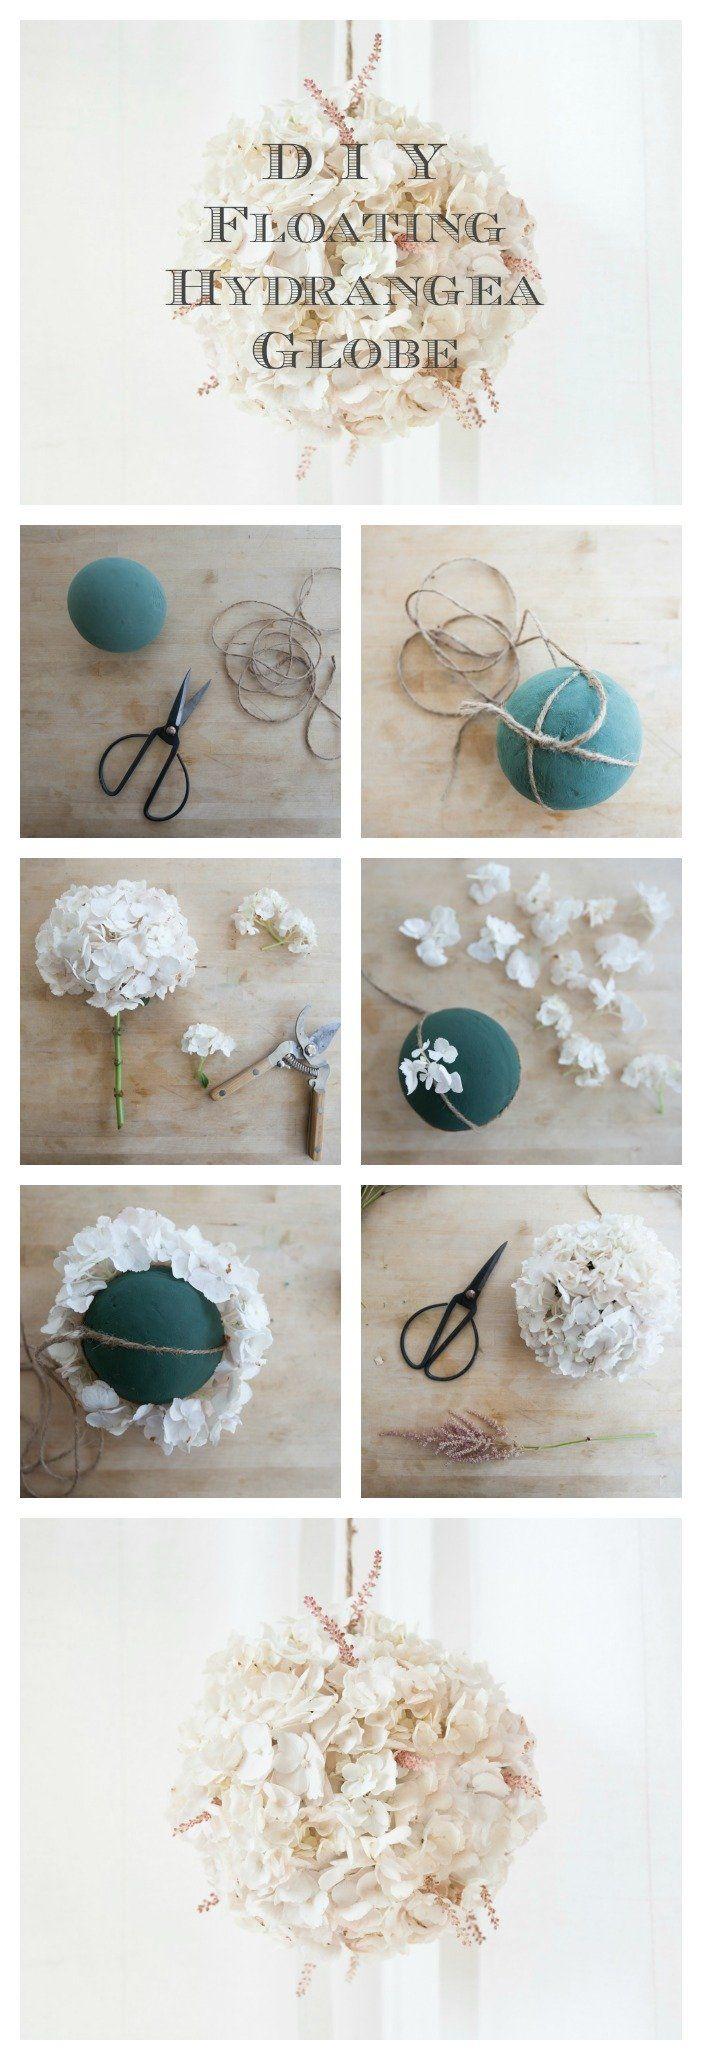 DIY Floating Hydrangea globes